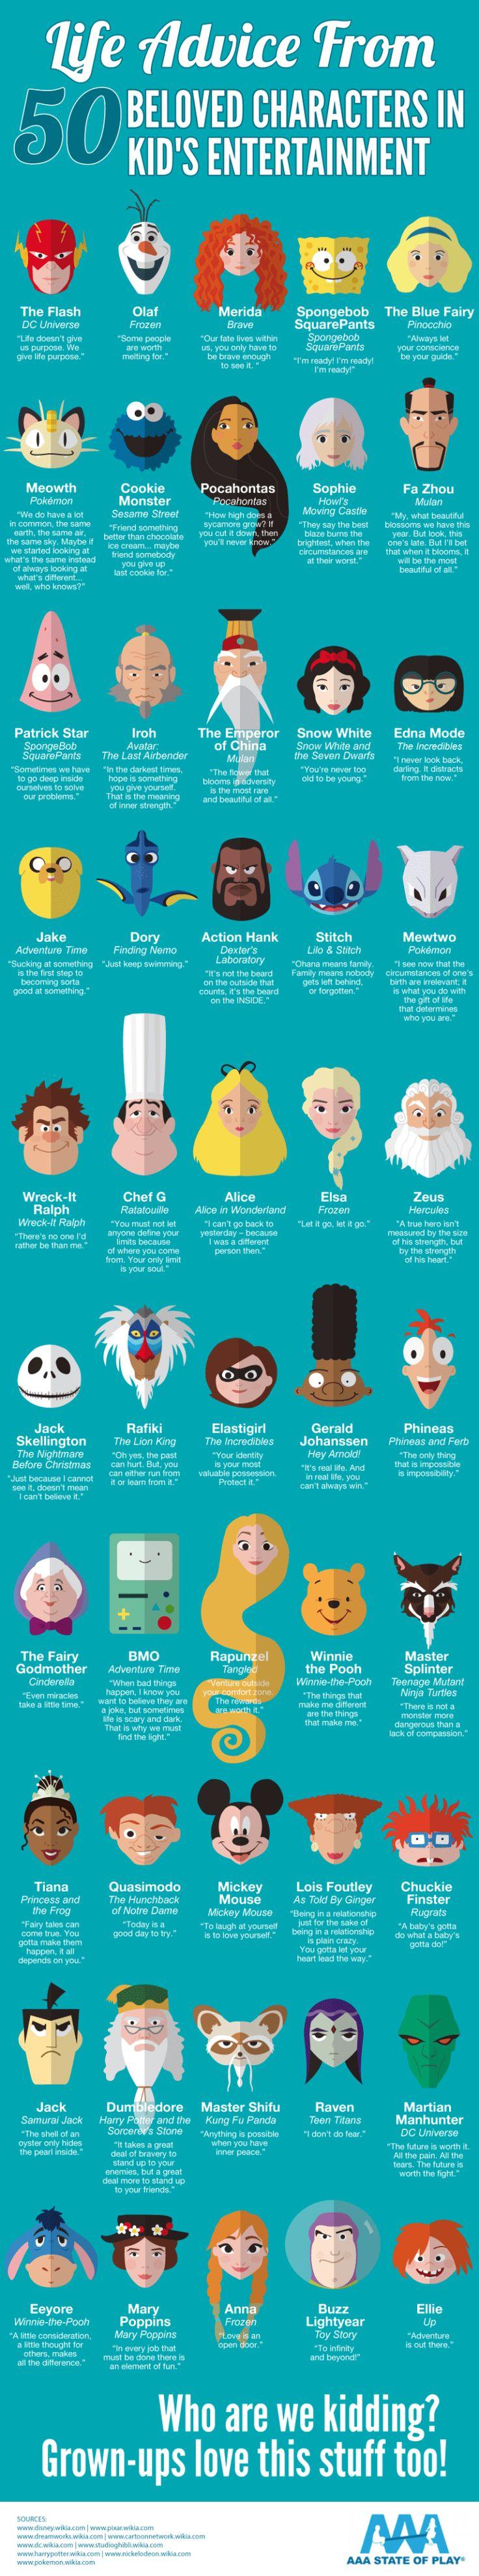 Emocione-se e inspire-se nos 30 conselhos de personagens infantis mais amados de todos os tempos.